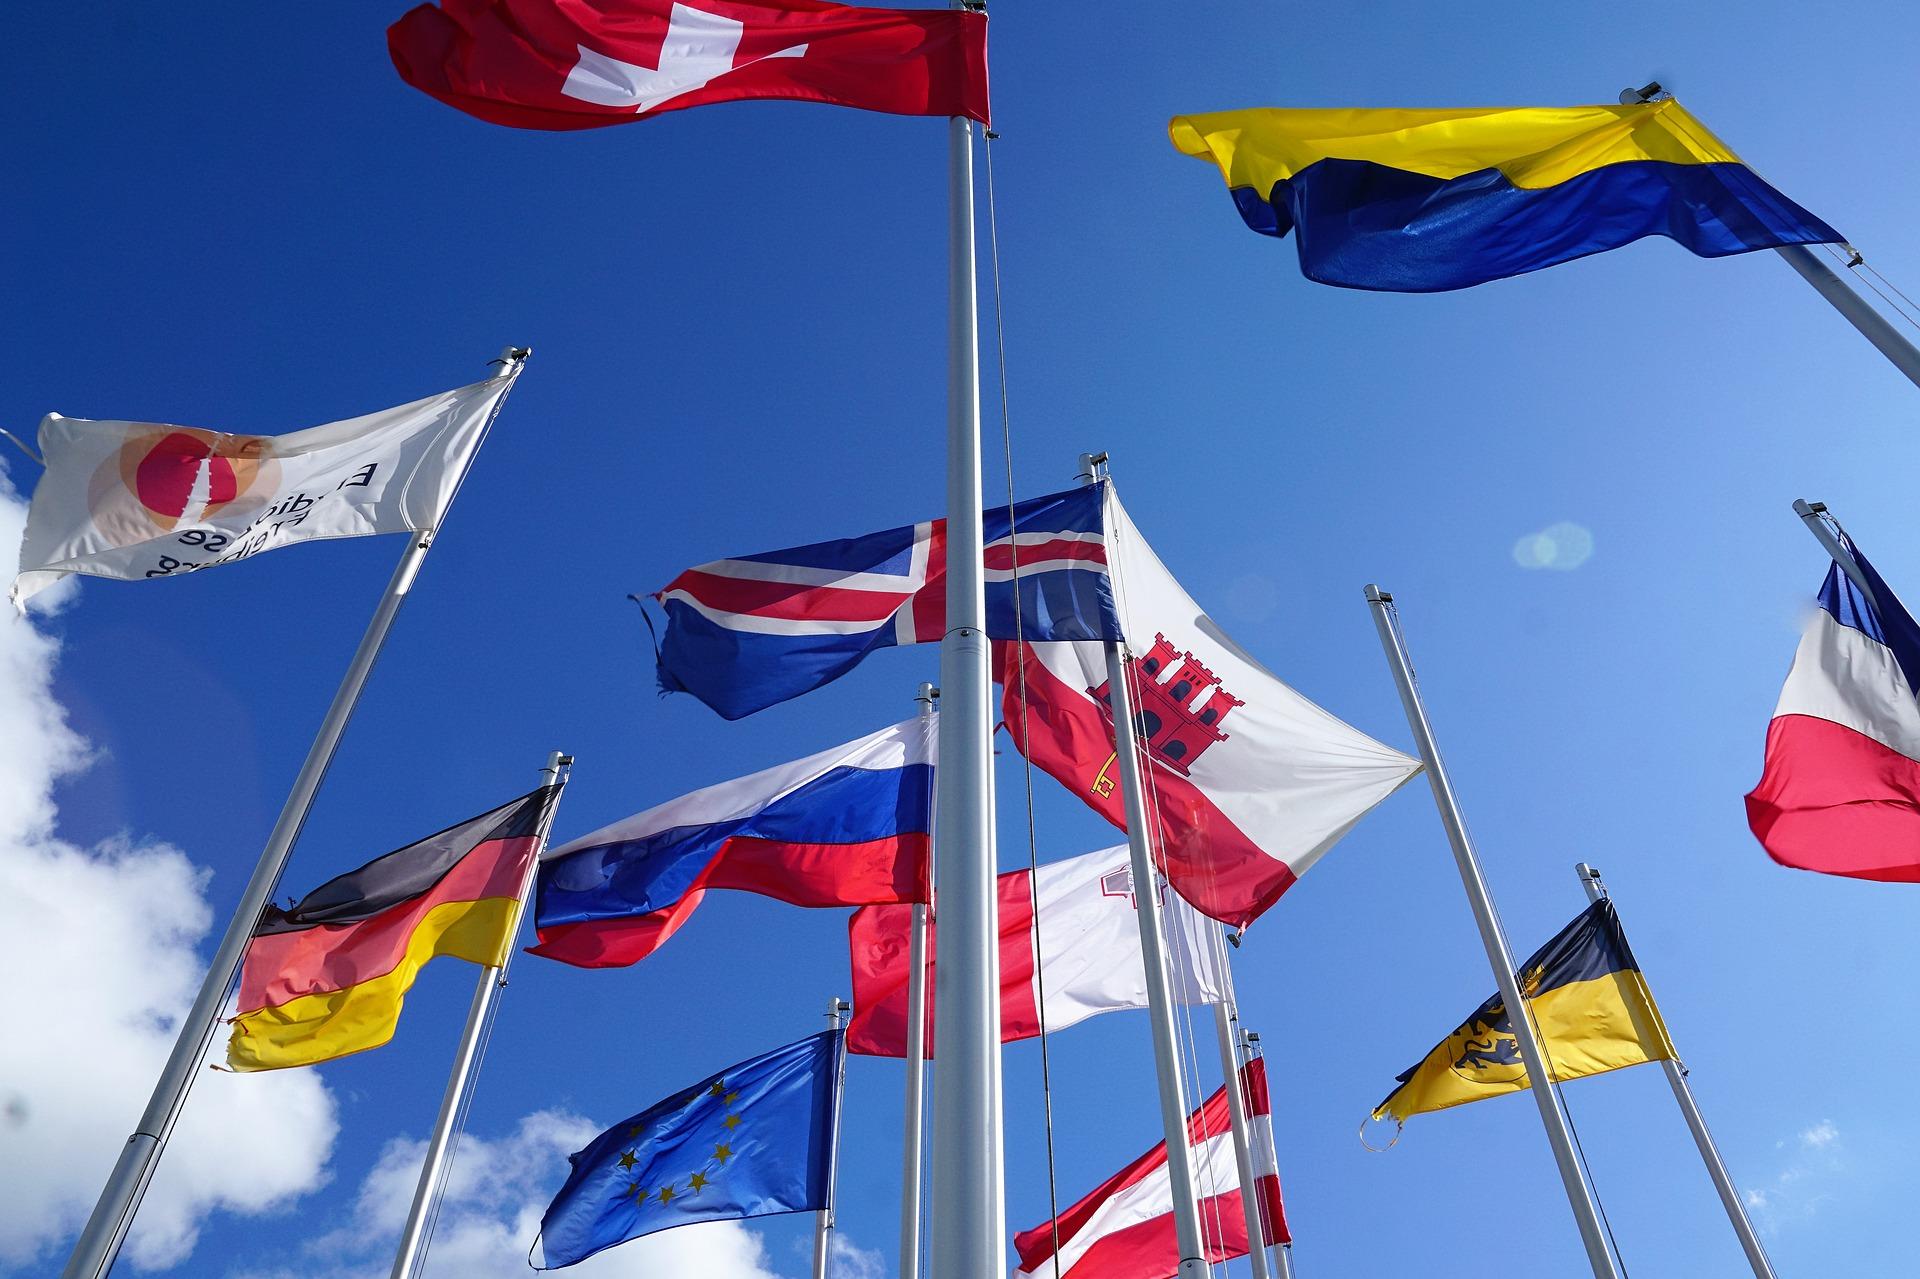 Переводы текстов на иностранные языки и оптимизация для наполнения сайтов